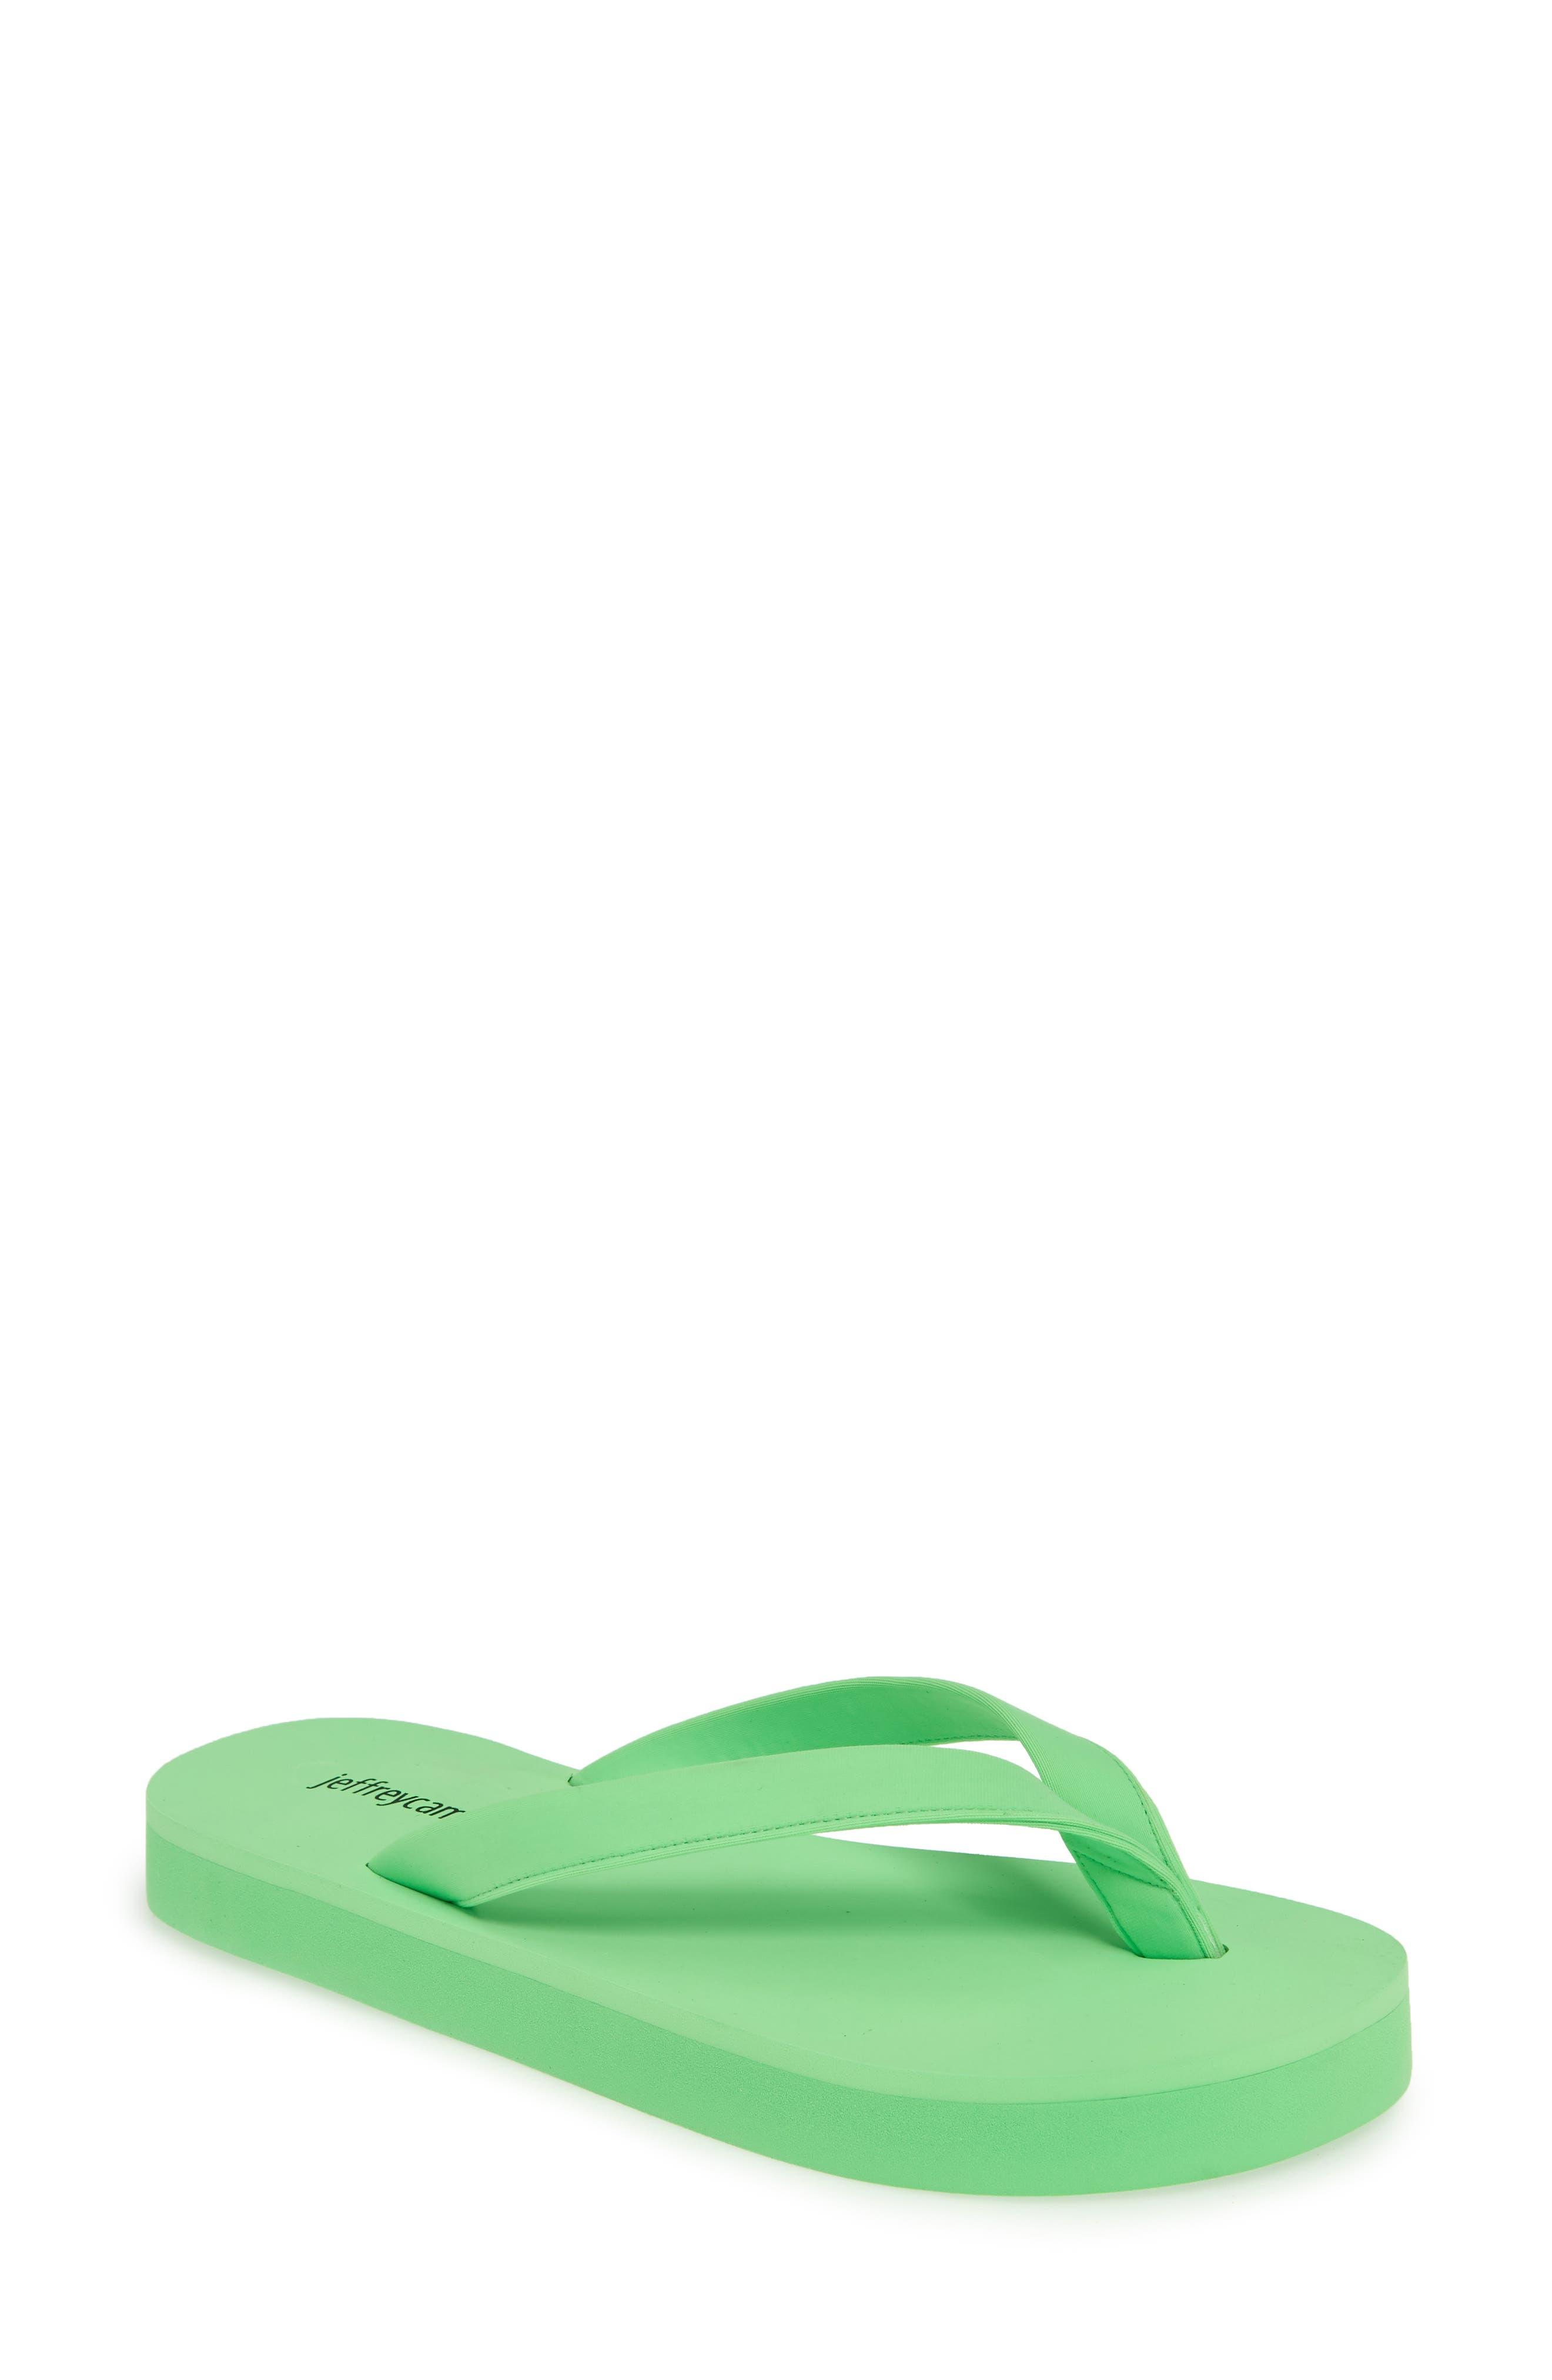 Jeffrey Campbell Surf Flip Flop, Green